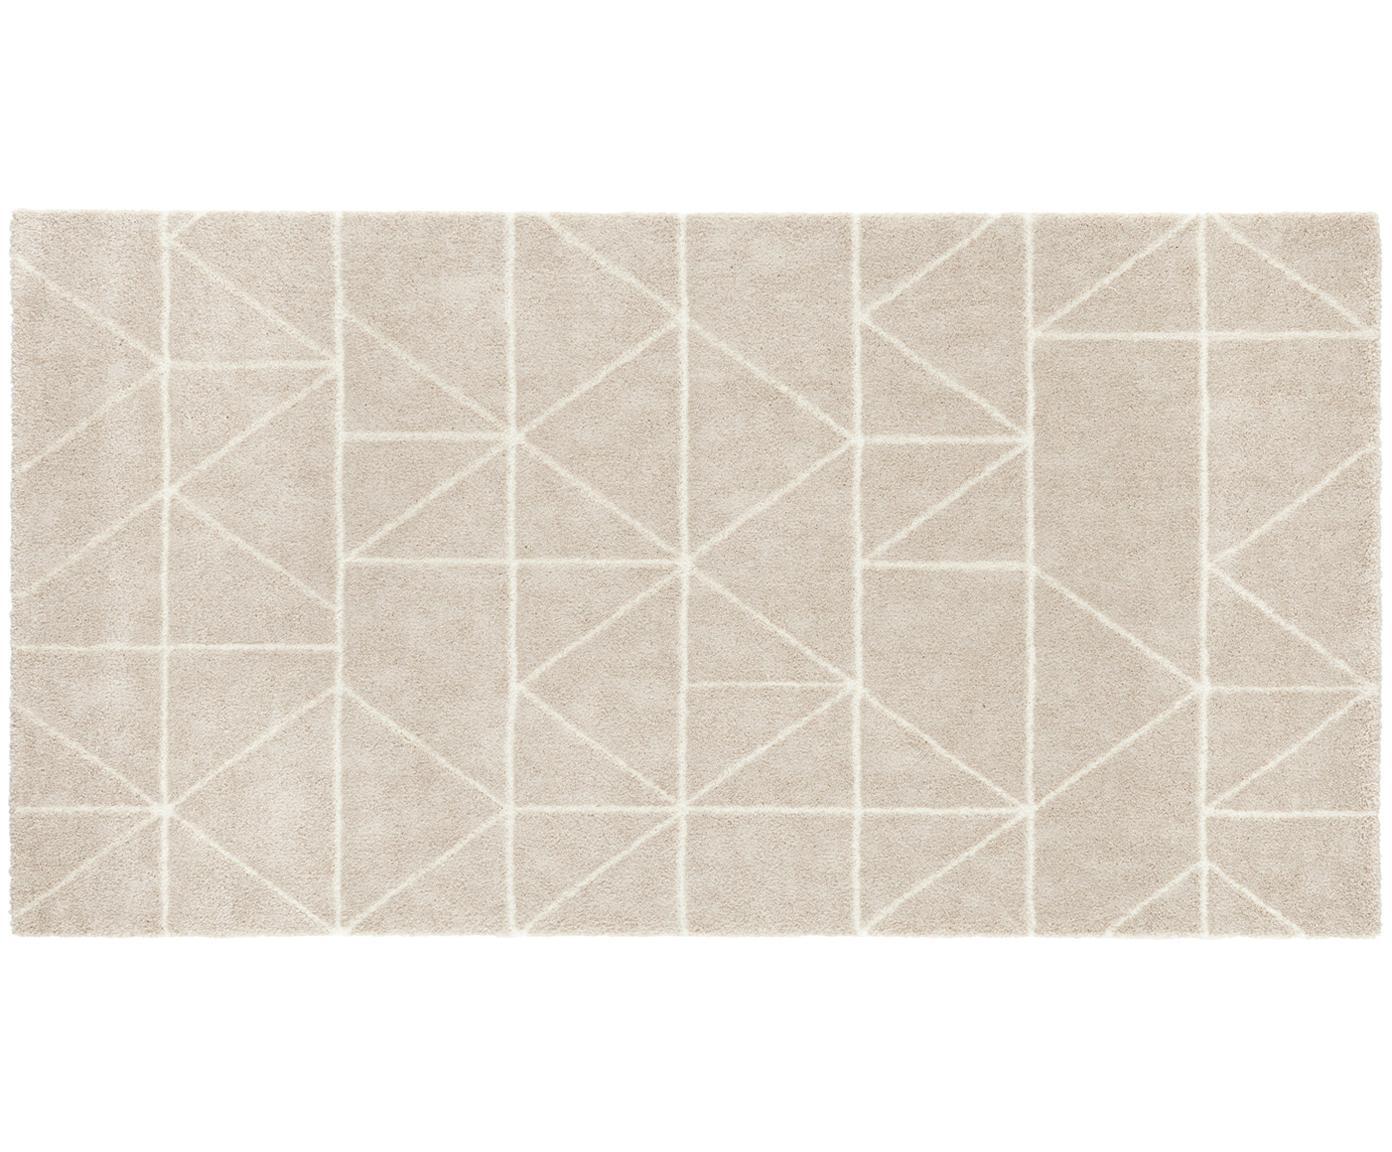 Vloerkleed Arles, Bovenzijde: 85% polypropyleen, 15% po, Onderzijde: jute, Beige, crèmekleurig, 80 x 150 cm